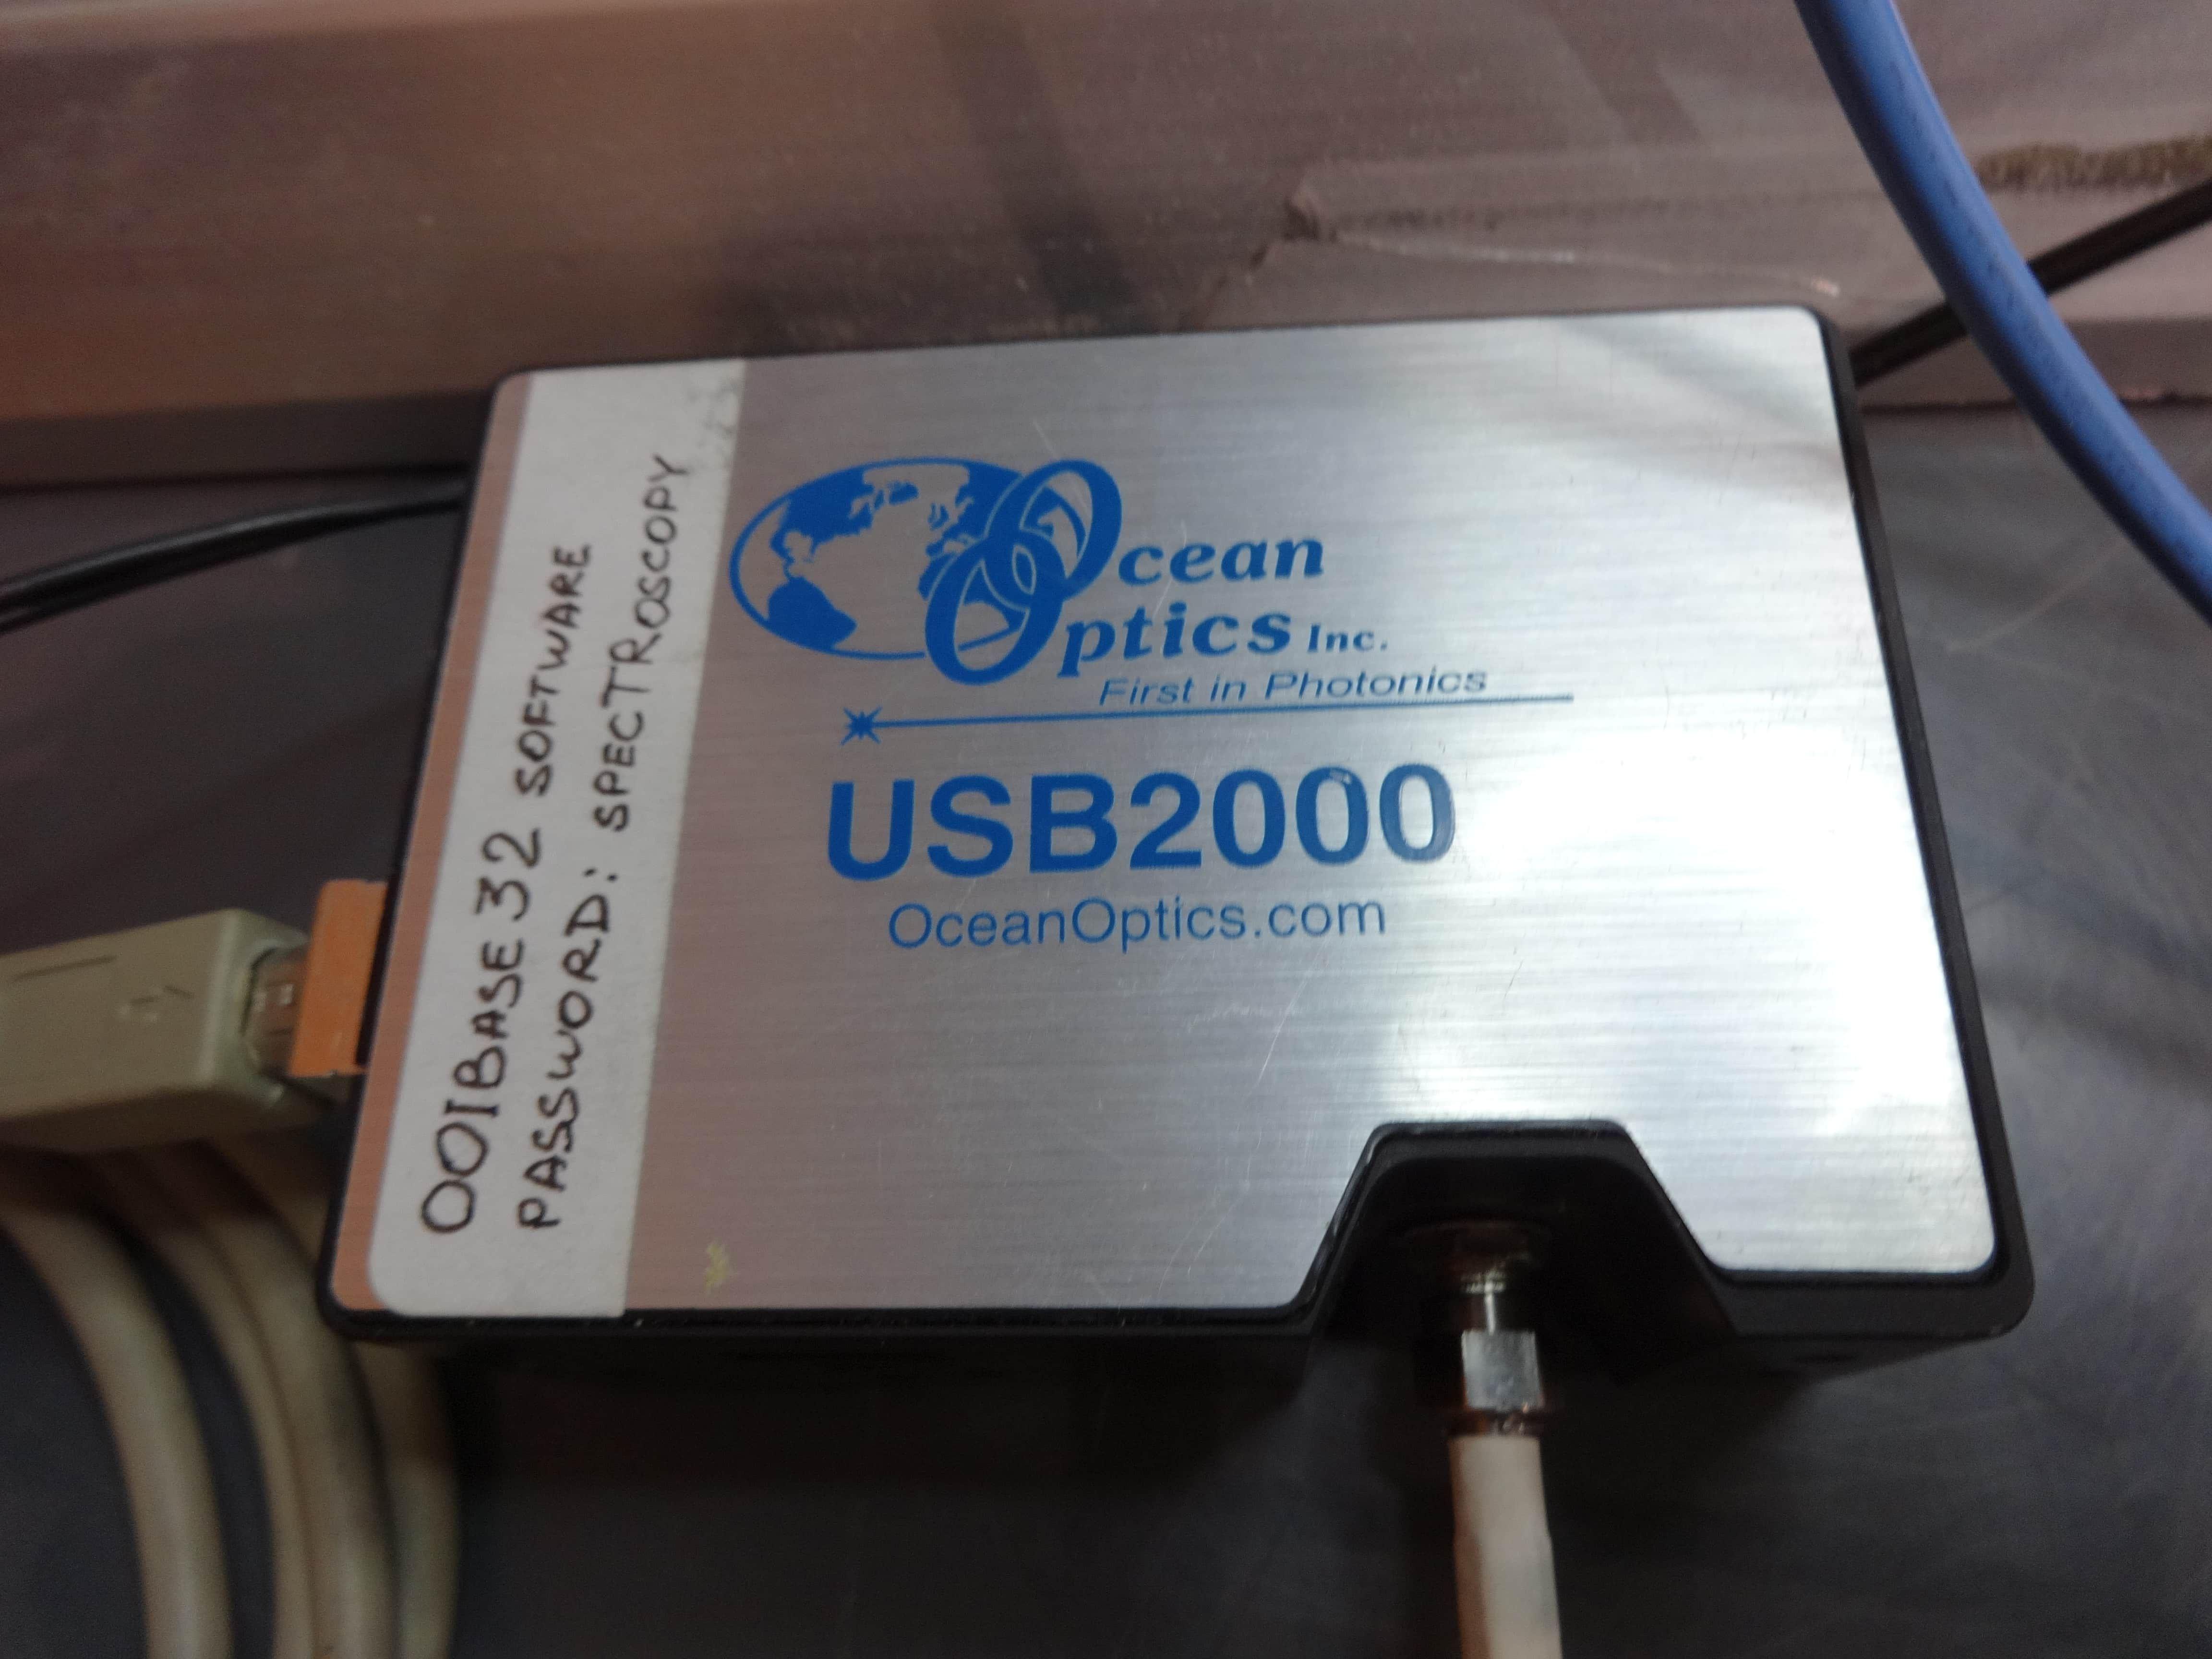 Ocean Optics USB 2000